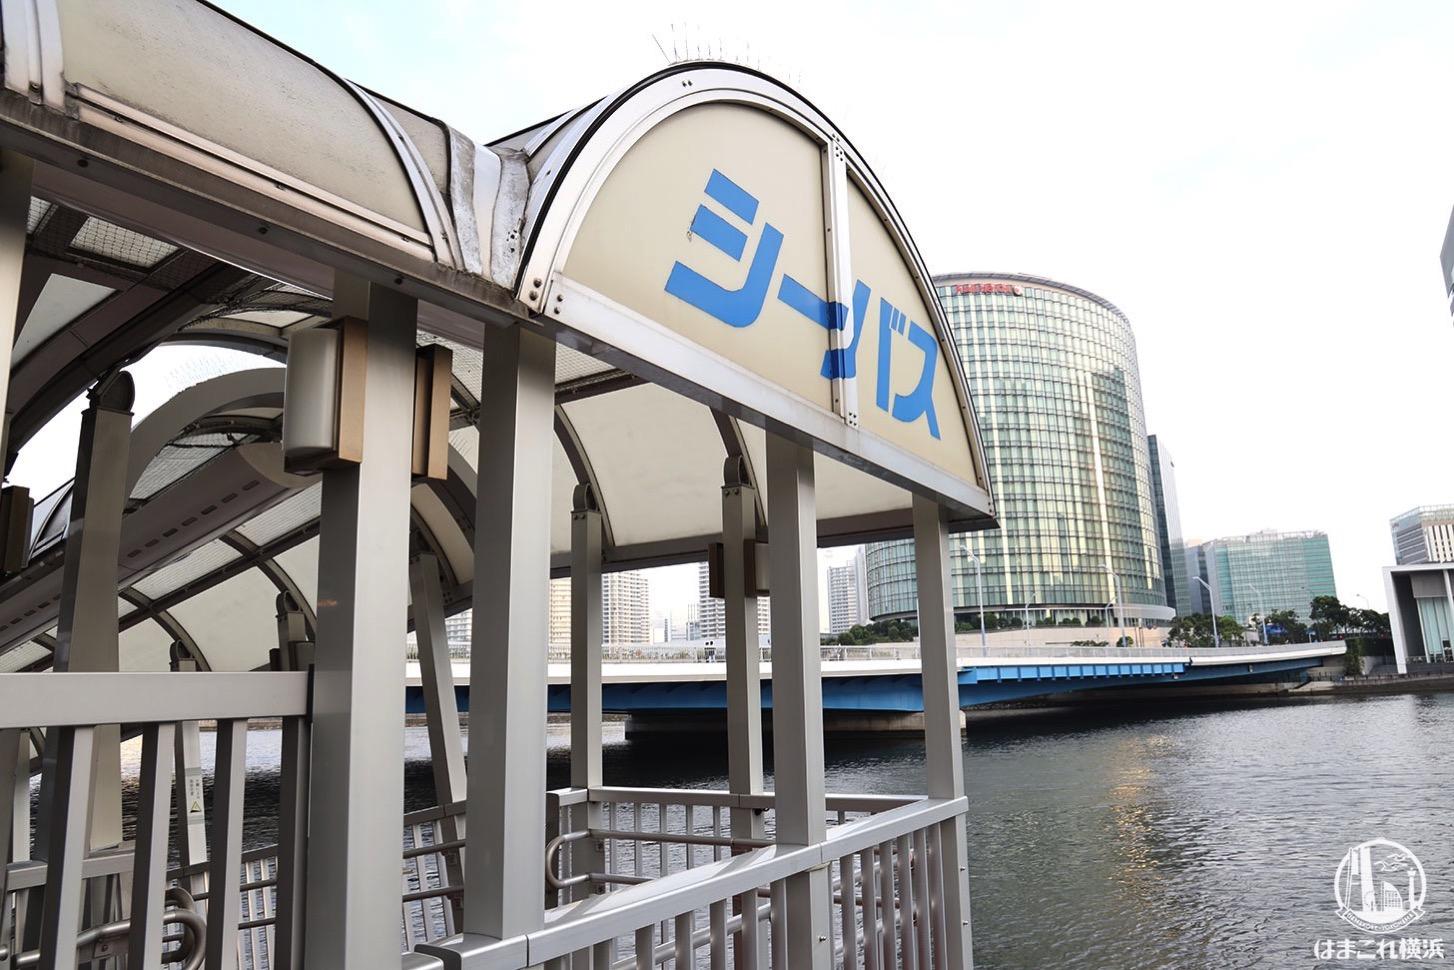 水上バス「シーバス」乗り場